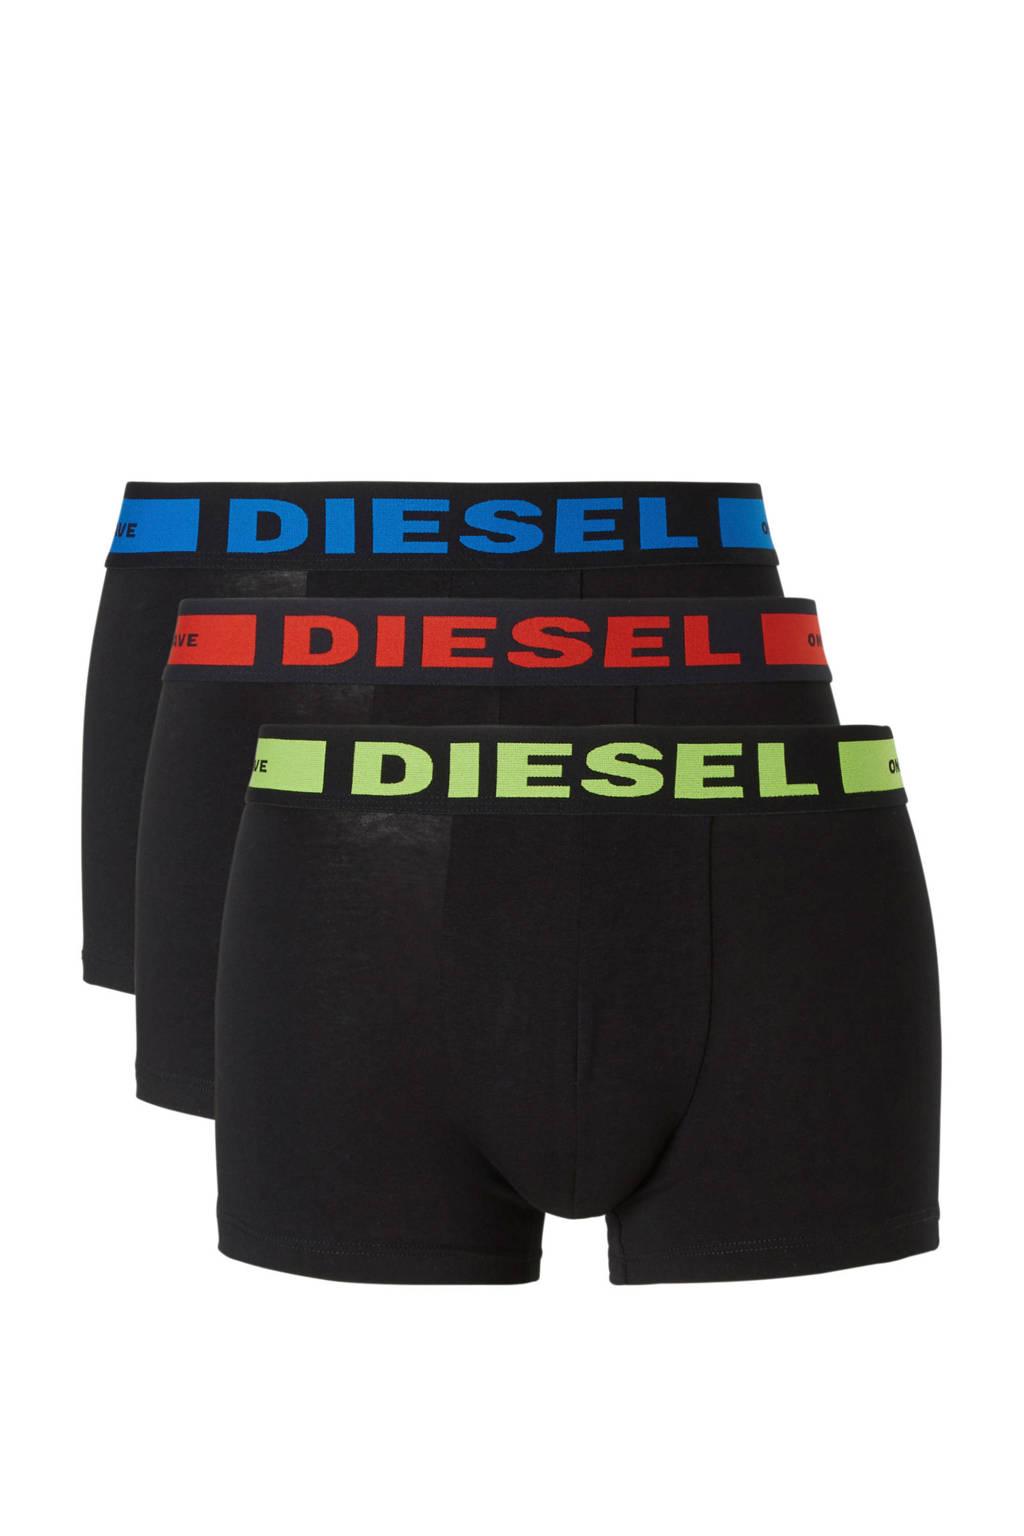 Diesel katoenen boxershort (set van 3), Zwart / rood / blauw